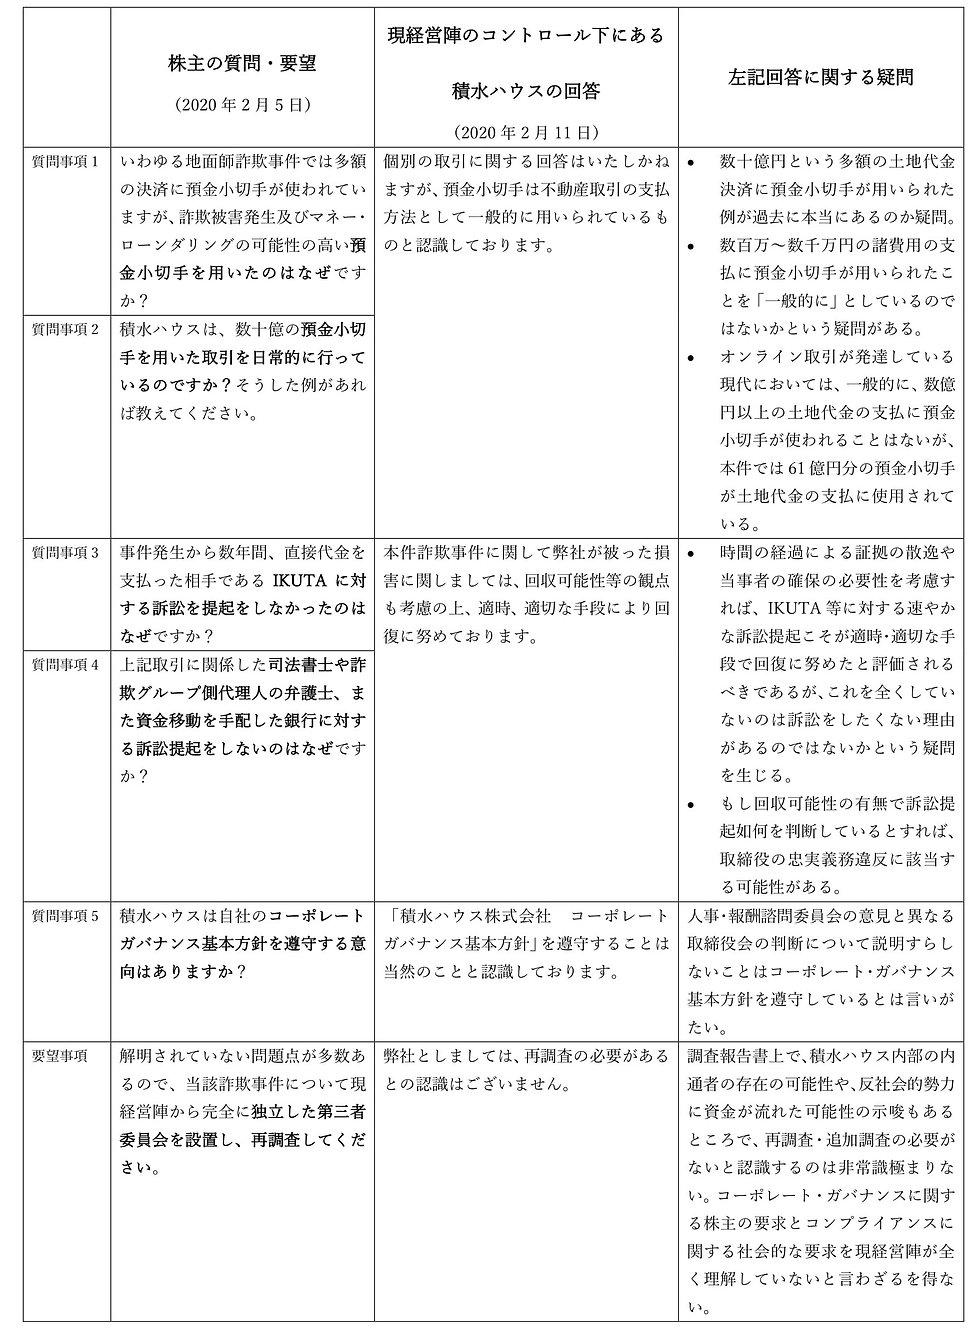 1.3 Table JP.jpg